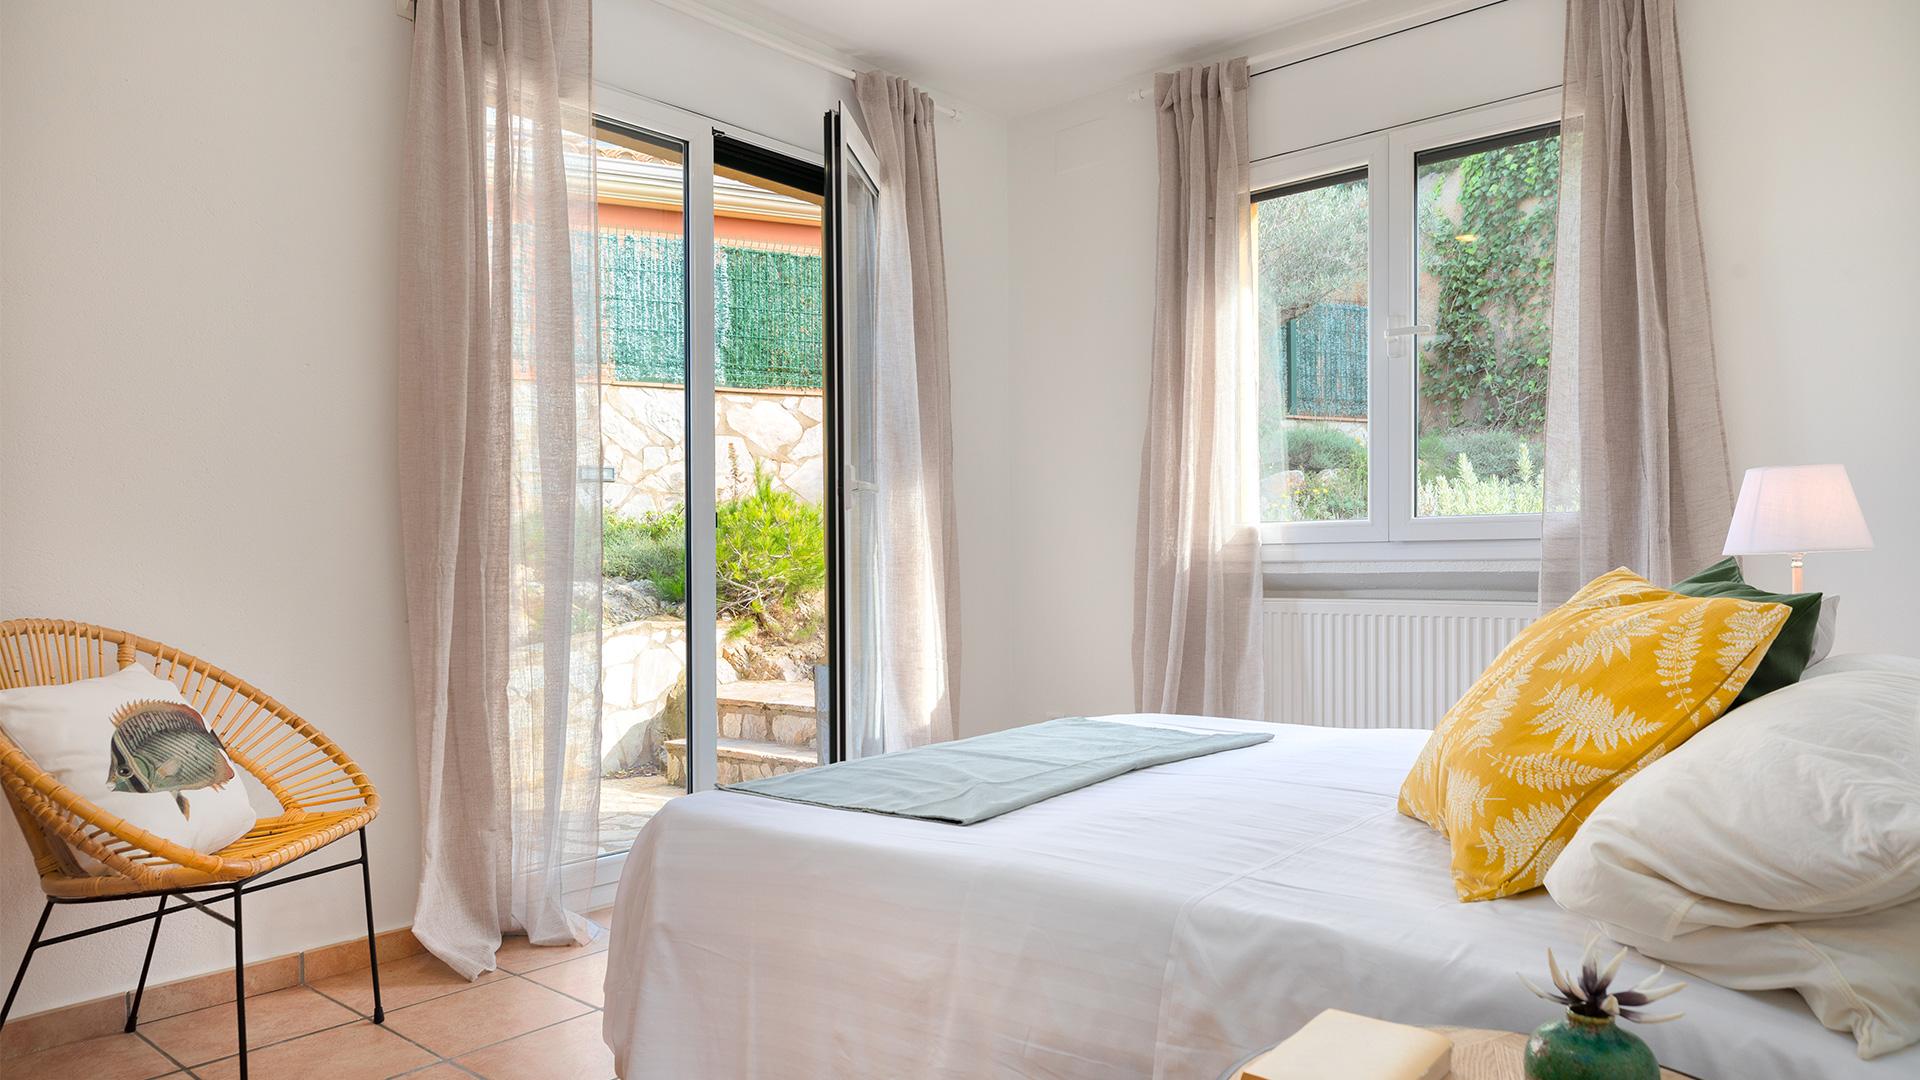 Casa en venta con jardín y piscina en Begur